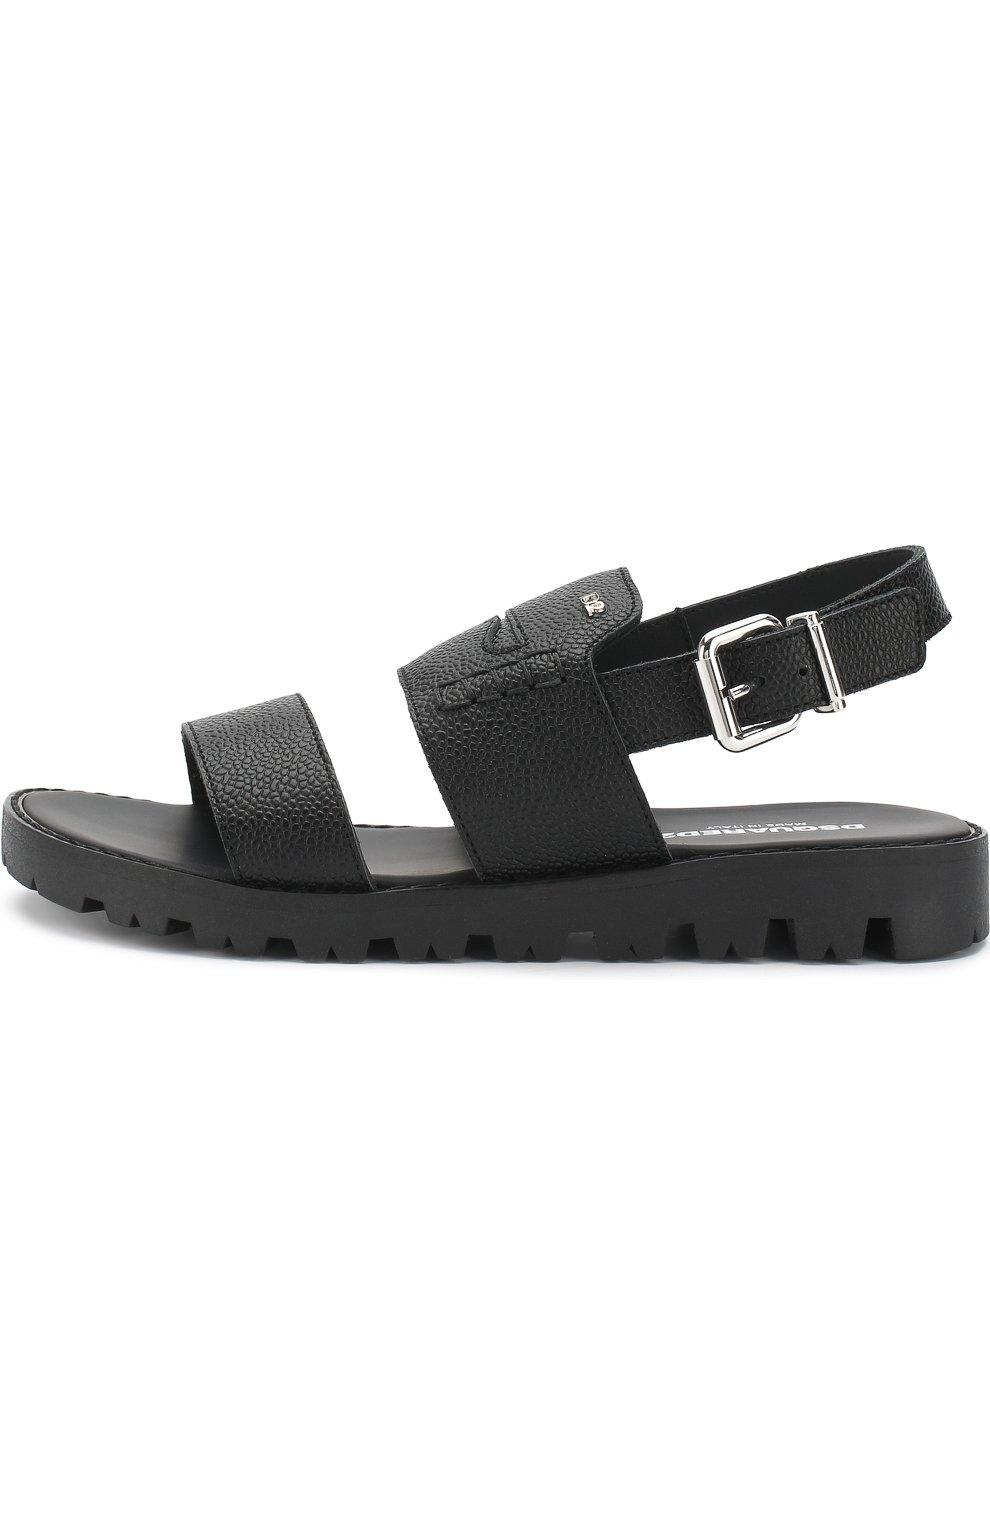 Детские кожаные сандалии на ремешке DSQUARED2 черного цвета, арт. 54194/36-41 | Фото 2